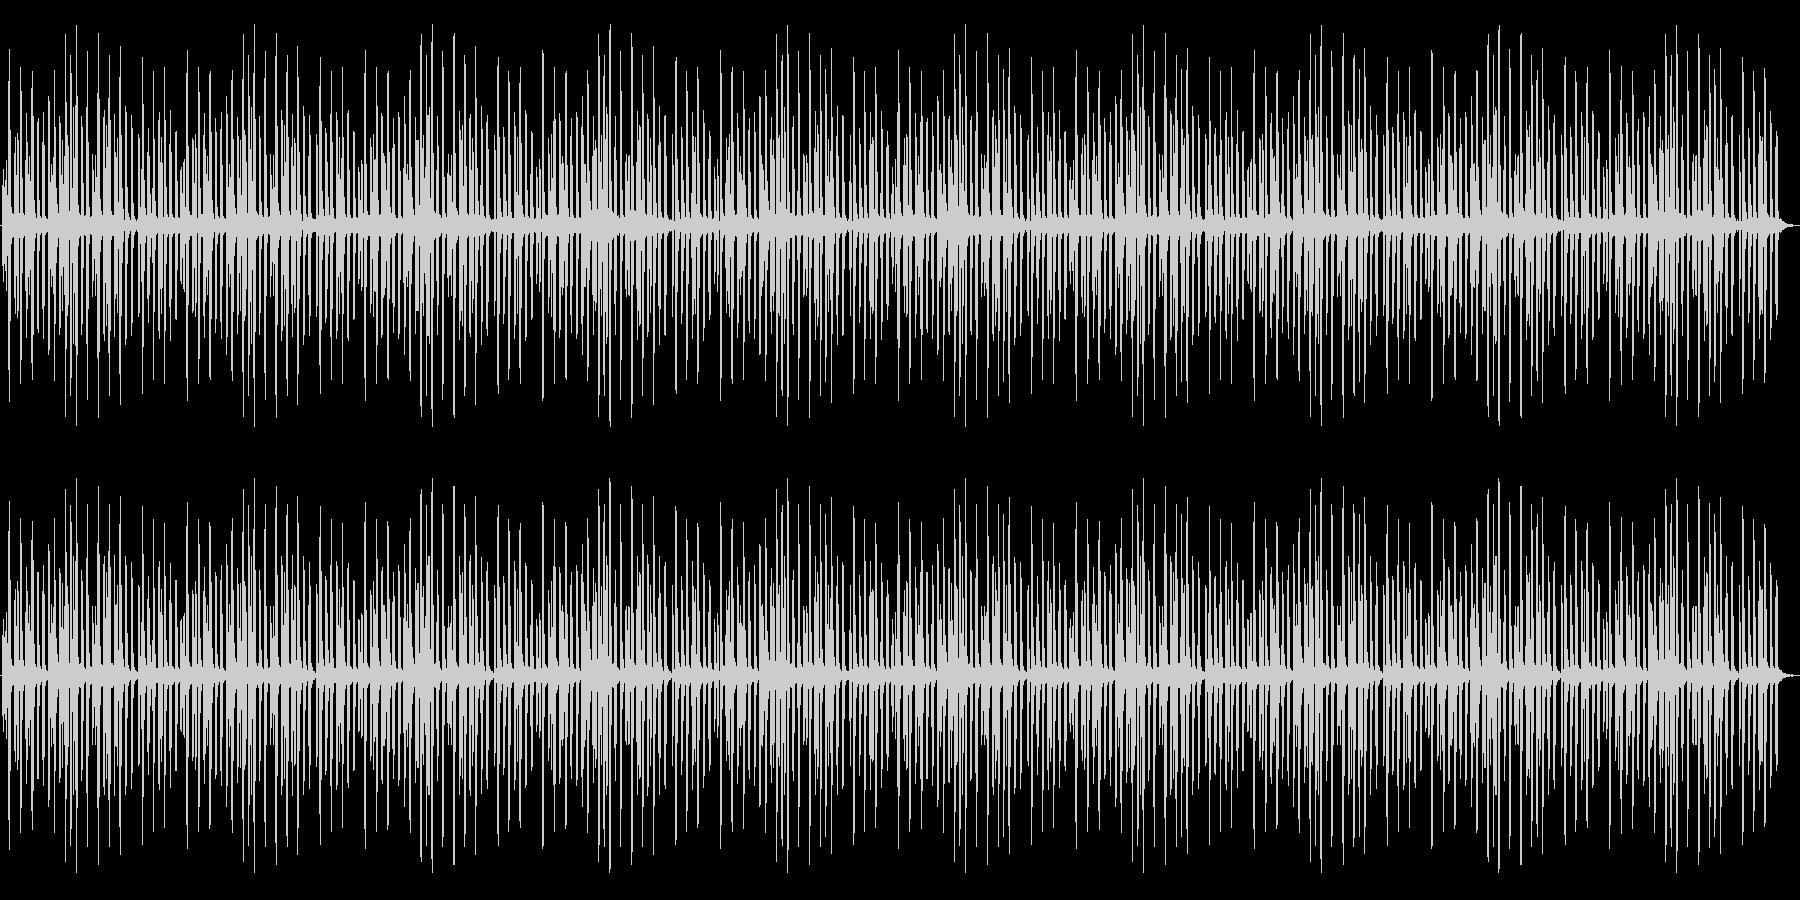 マリンバ音色による、とても可愛いメロディの未再生の波形